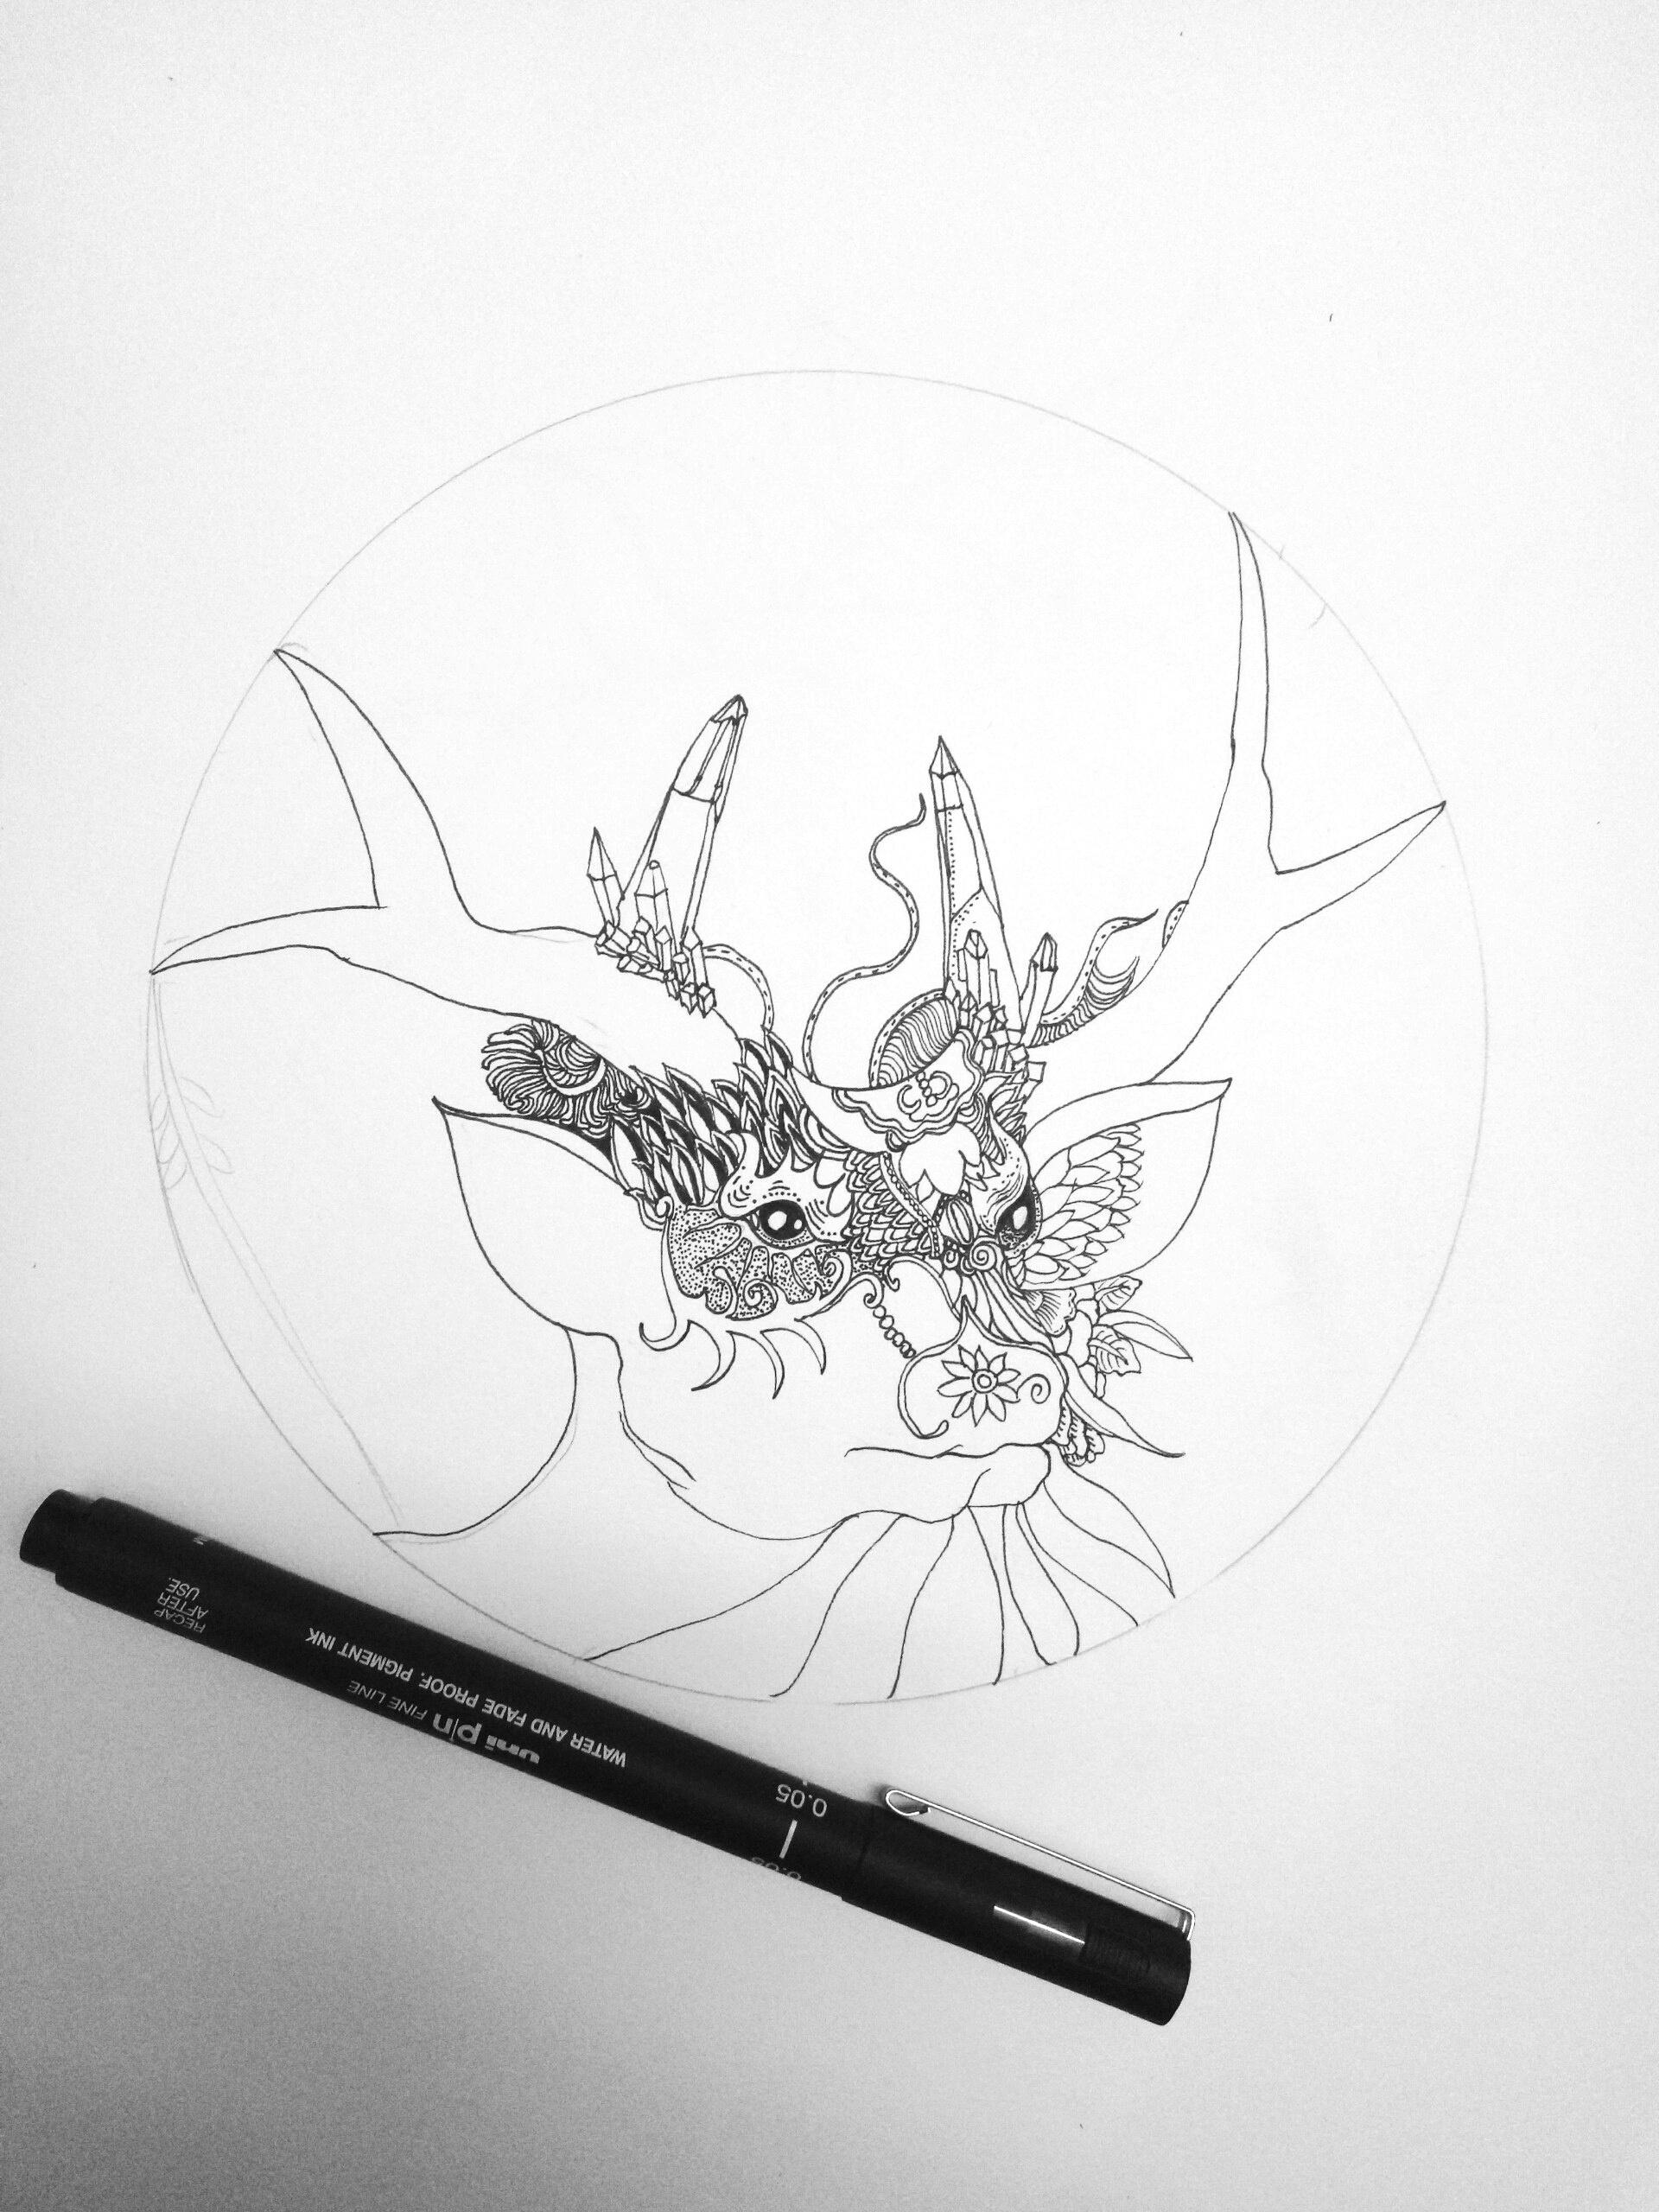 创意手绘麋鹿插画黑白